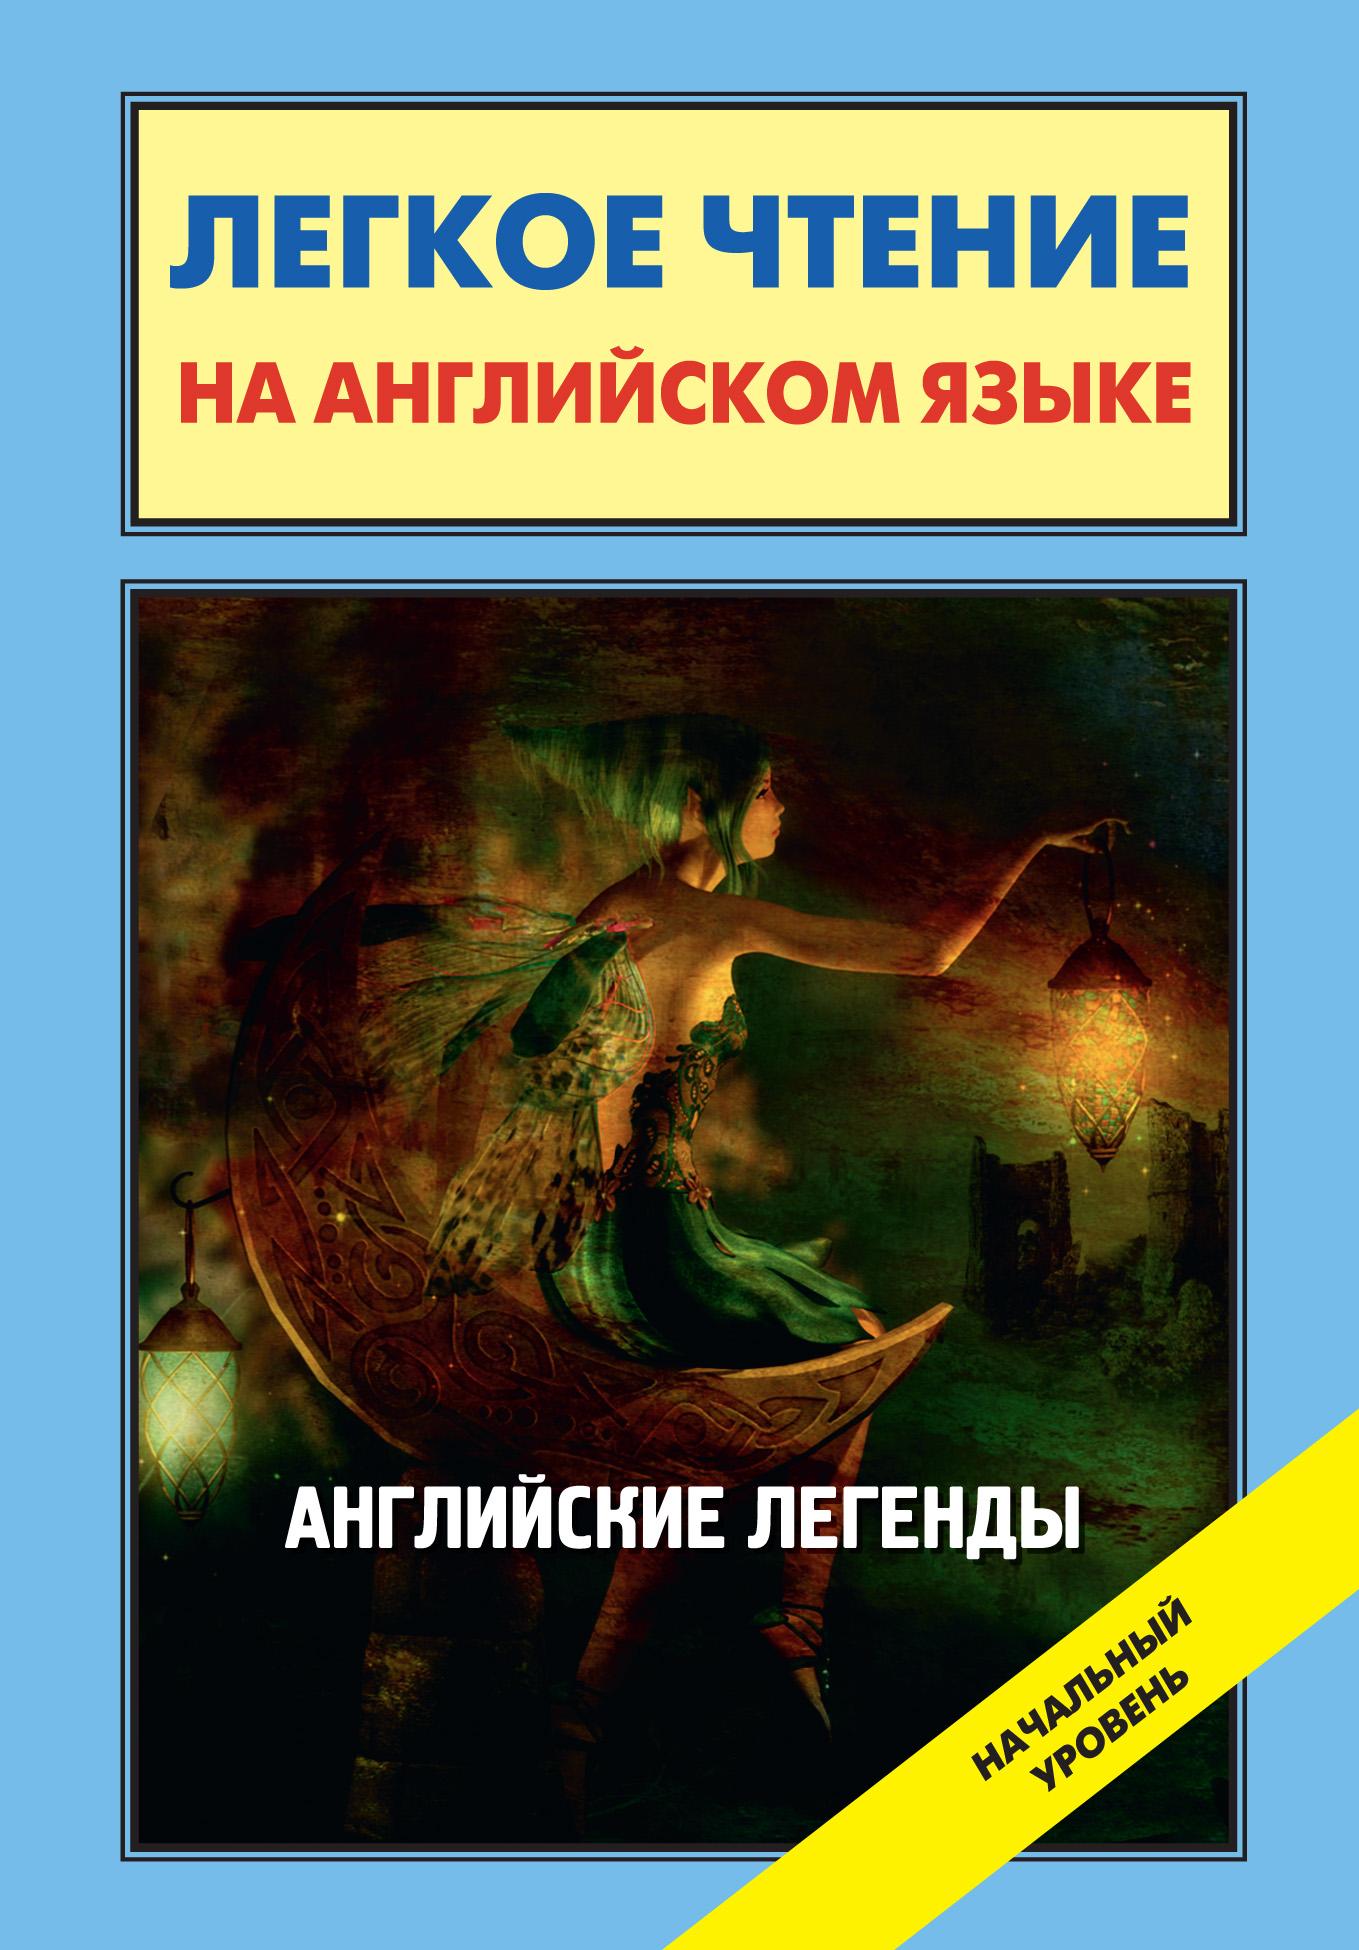 Английские легенды / English Folktales and Legends ( Отсутствует  )